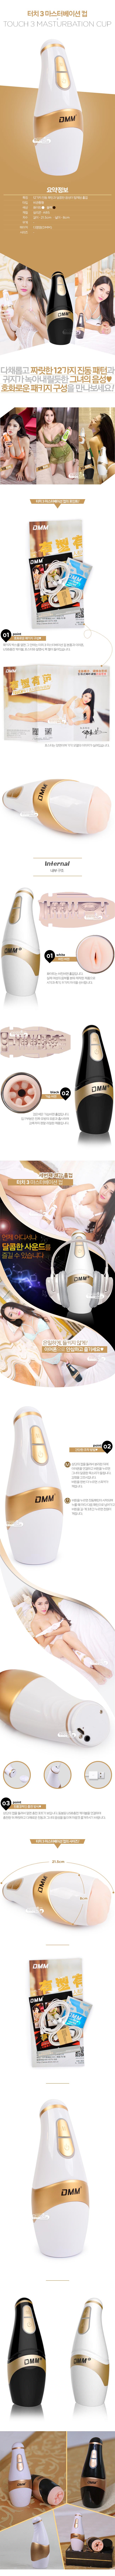 [12단 진동 패턴+음성] 터치 3 마스터베이션 컵(DMM Touch 3 Masturbation Cup) - 이어폰 동봉/디엠엠(6936183900339) (SAH)